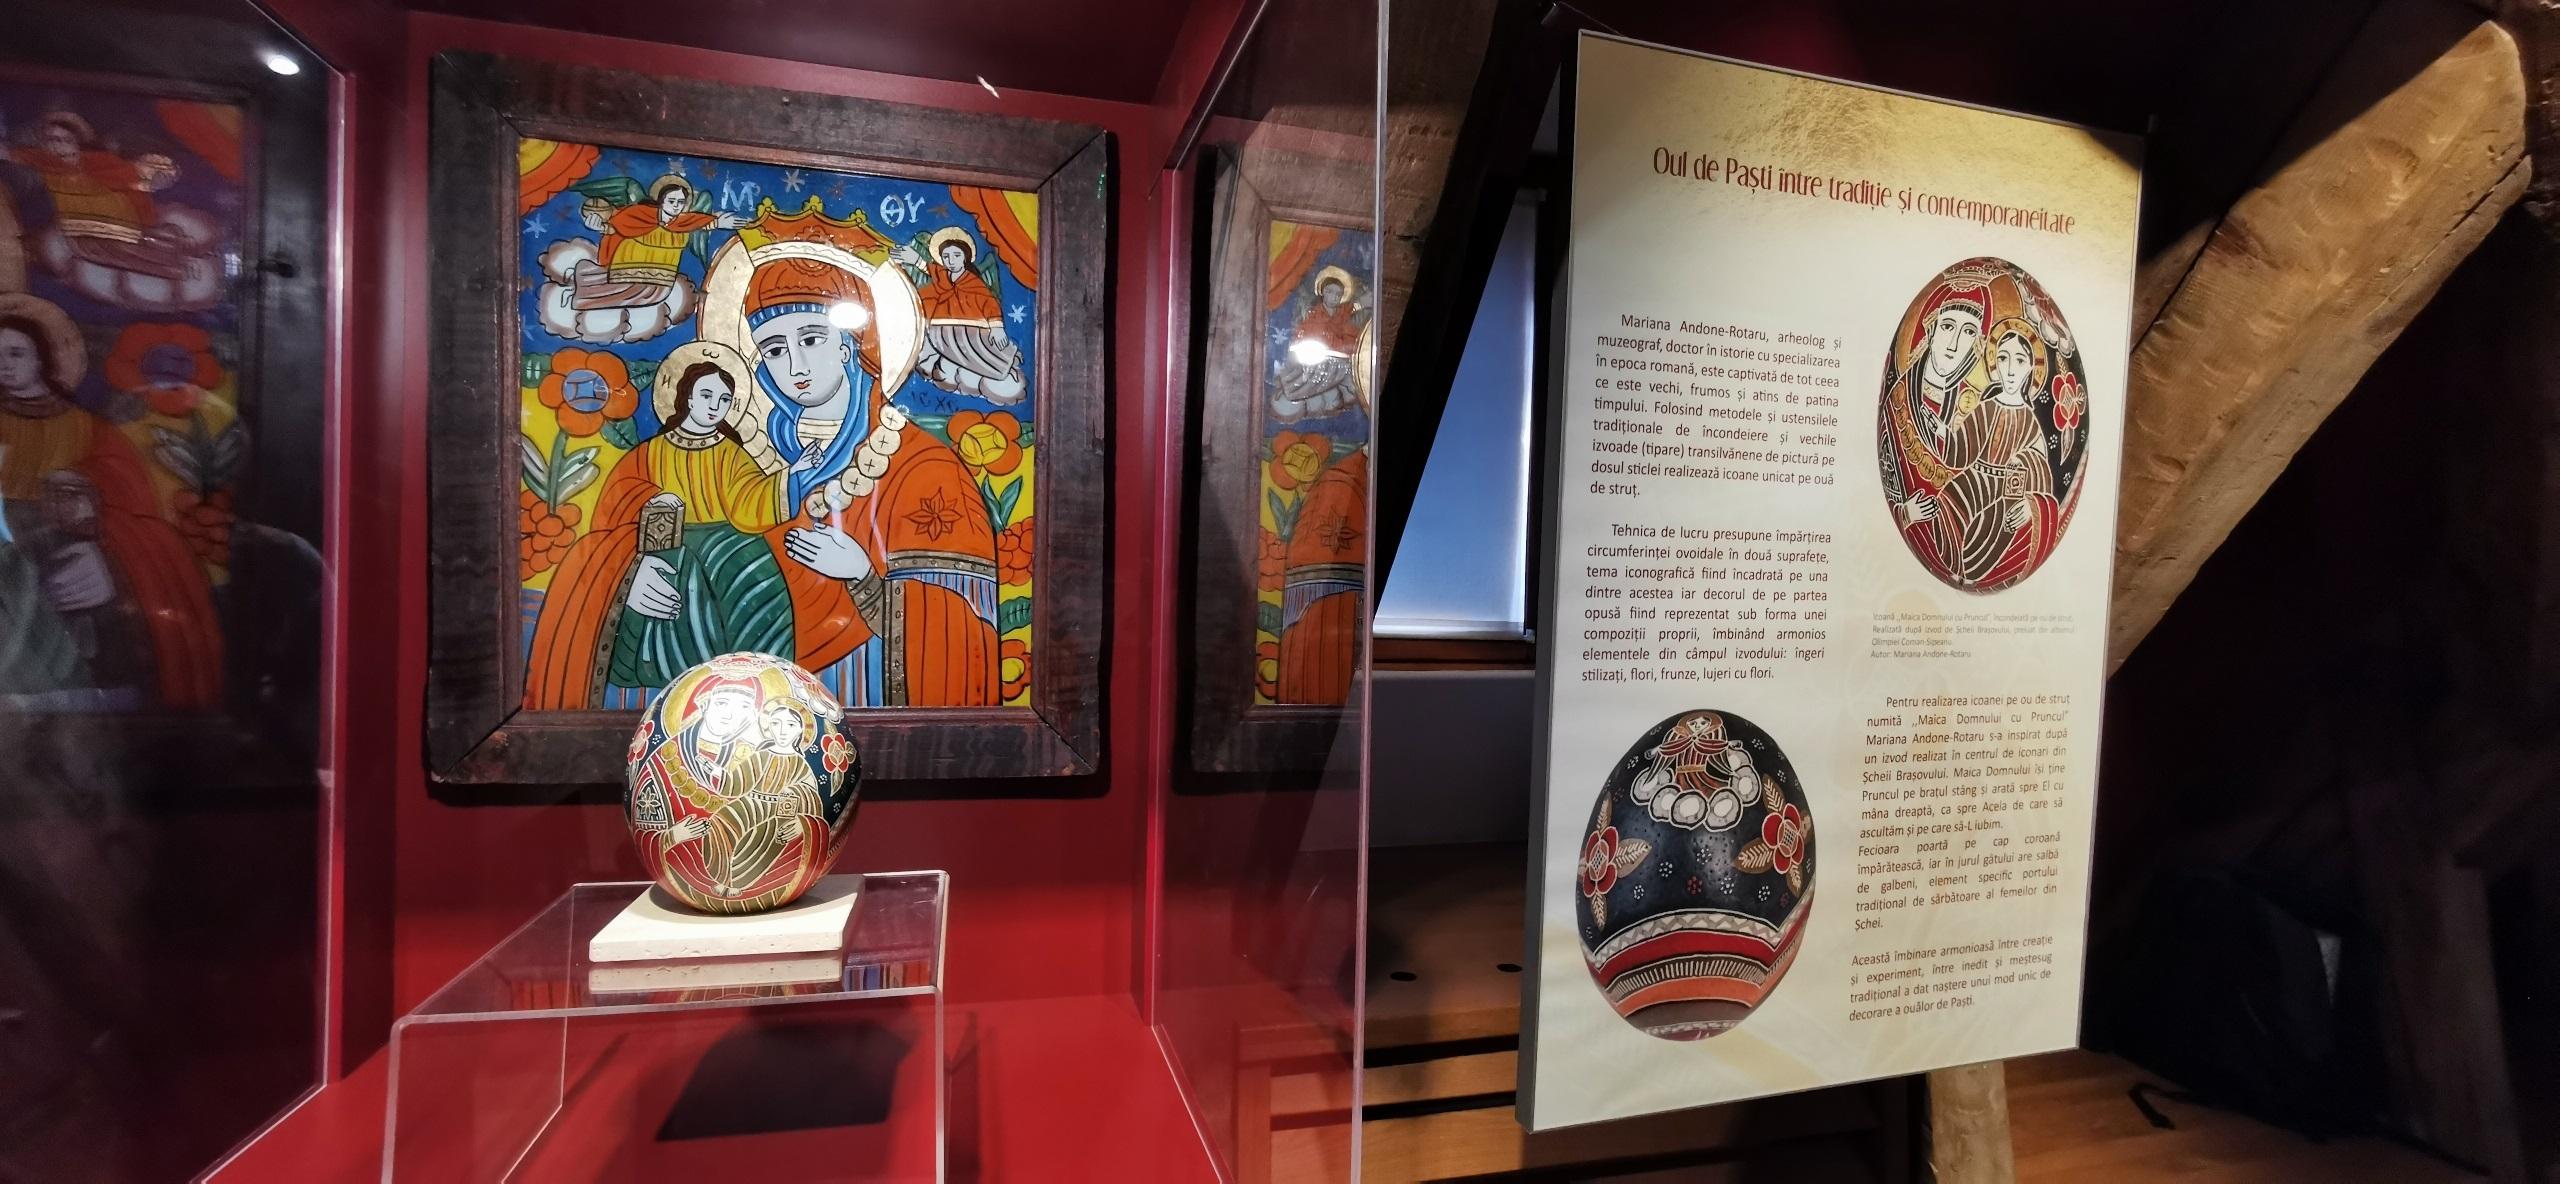 Expozitie de artă - ediția de crăciun